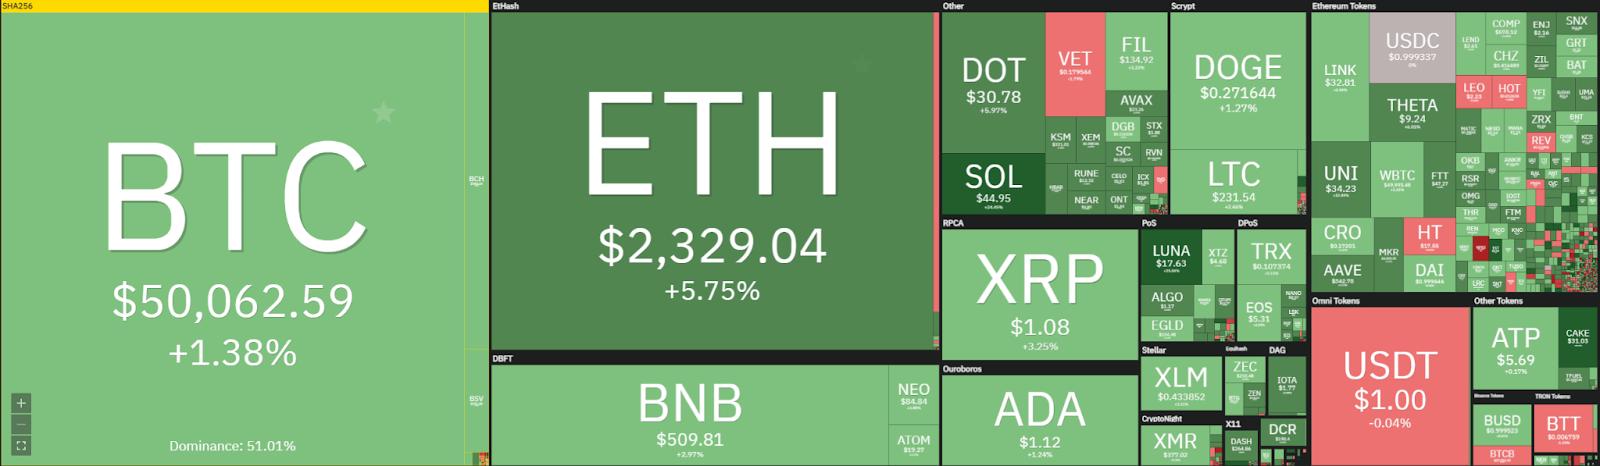 Bitcoin price prediction: Bitcoin retests $49,000 support, prepares to break above $51,500? 1